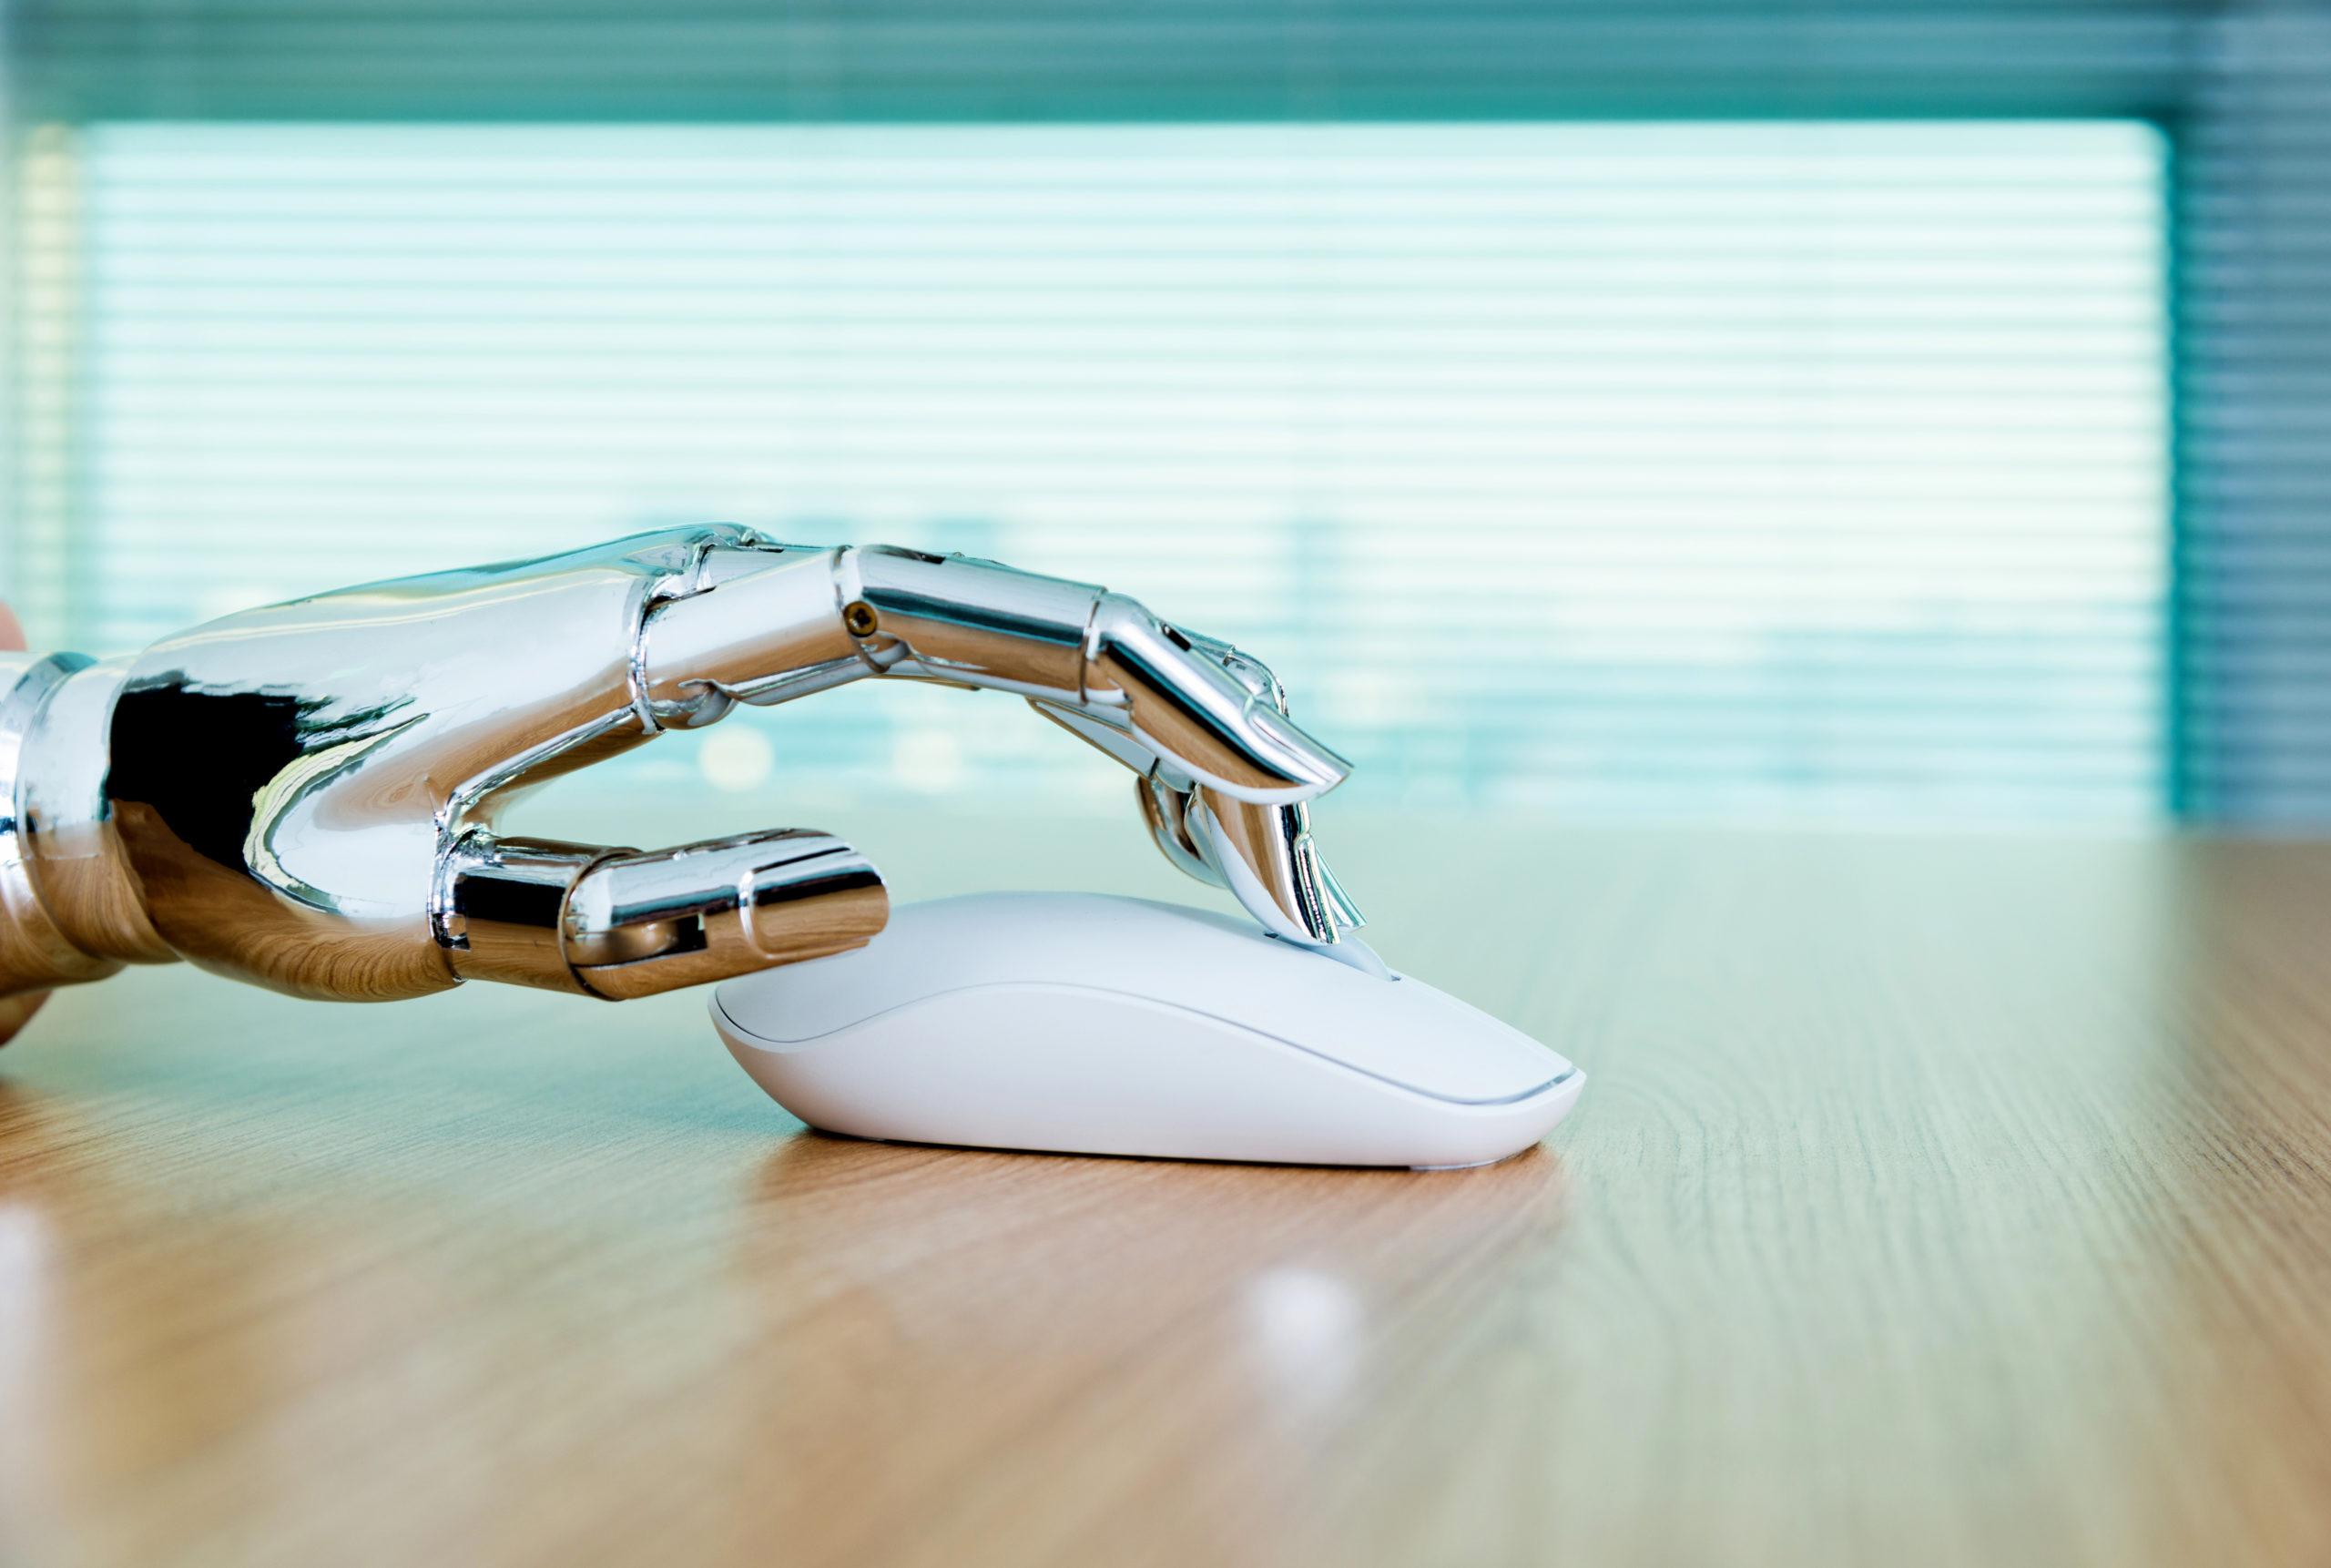 ikadia-blog-marketing-automation-entreprise1